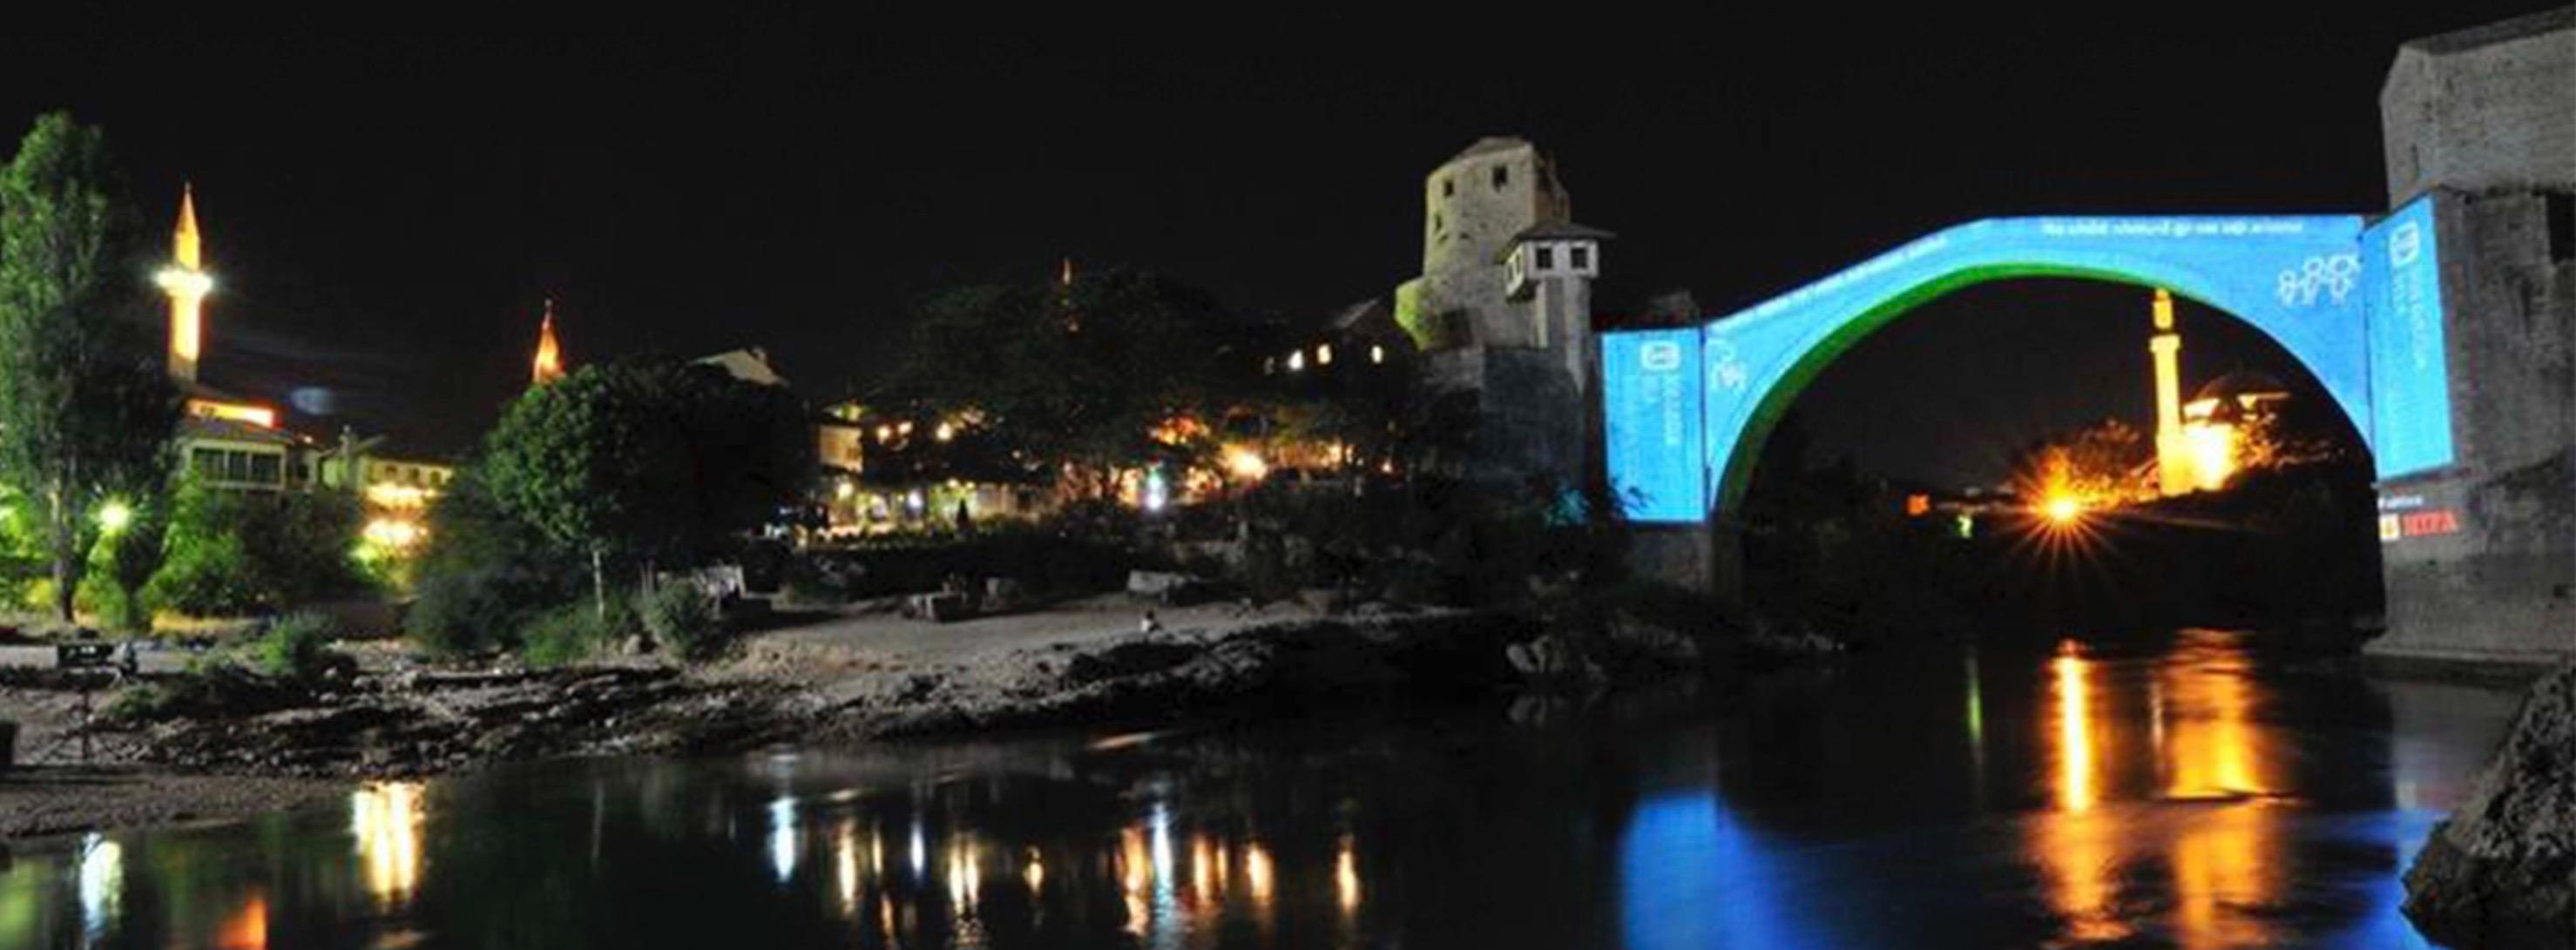 SOS_dječija_sela_Mostar_edited